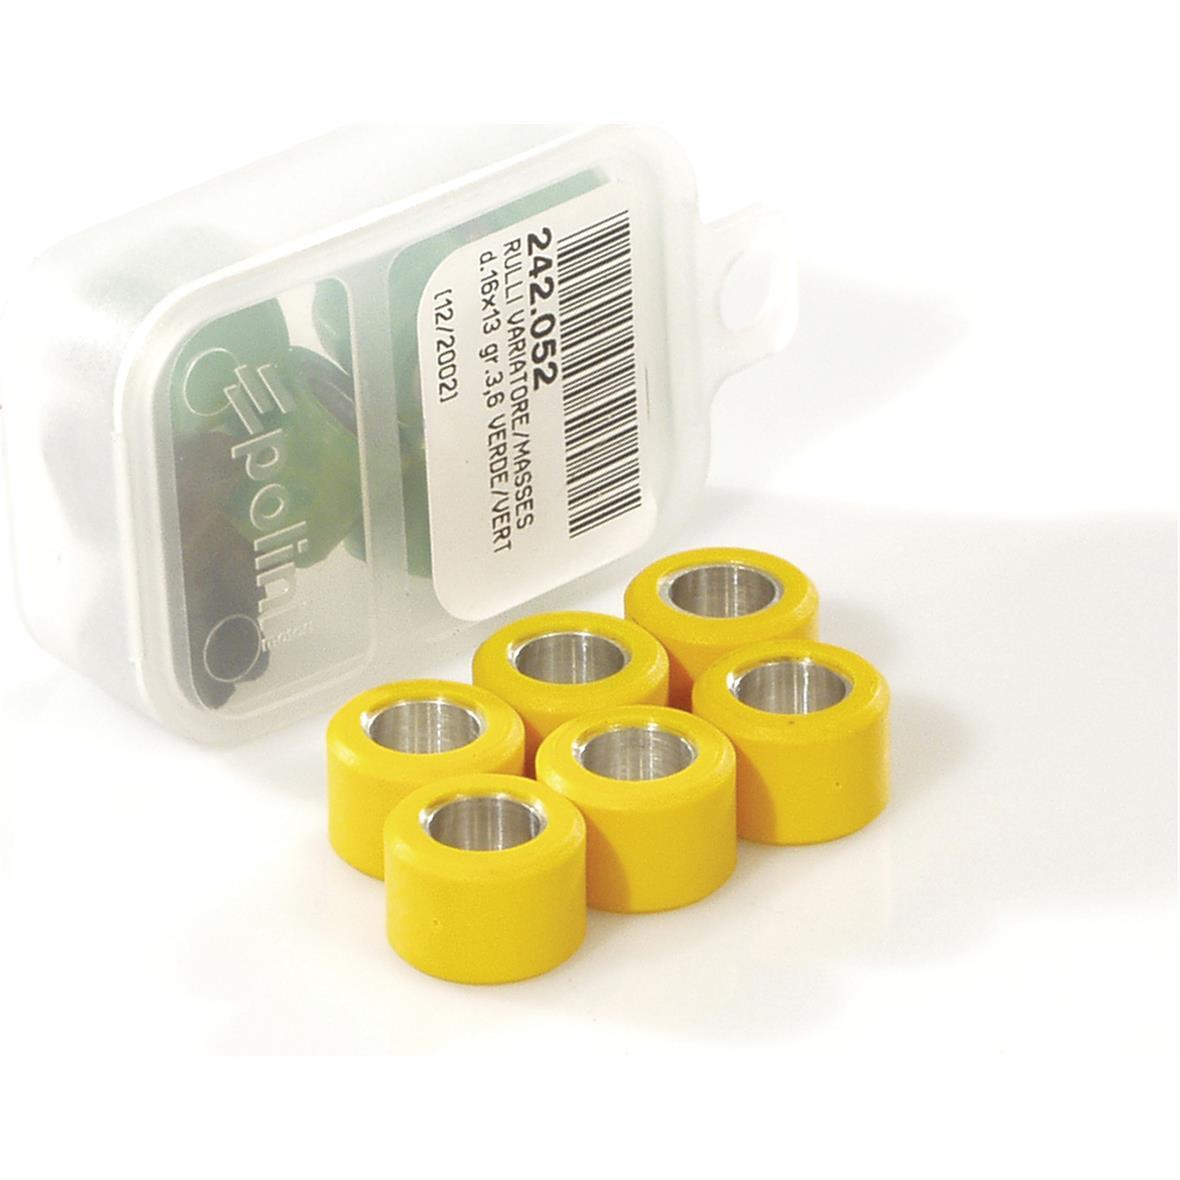 Zdjęcie produktu dla 'Rolki Variatora POLINI 23x18 mm 26,0 gTitle'